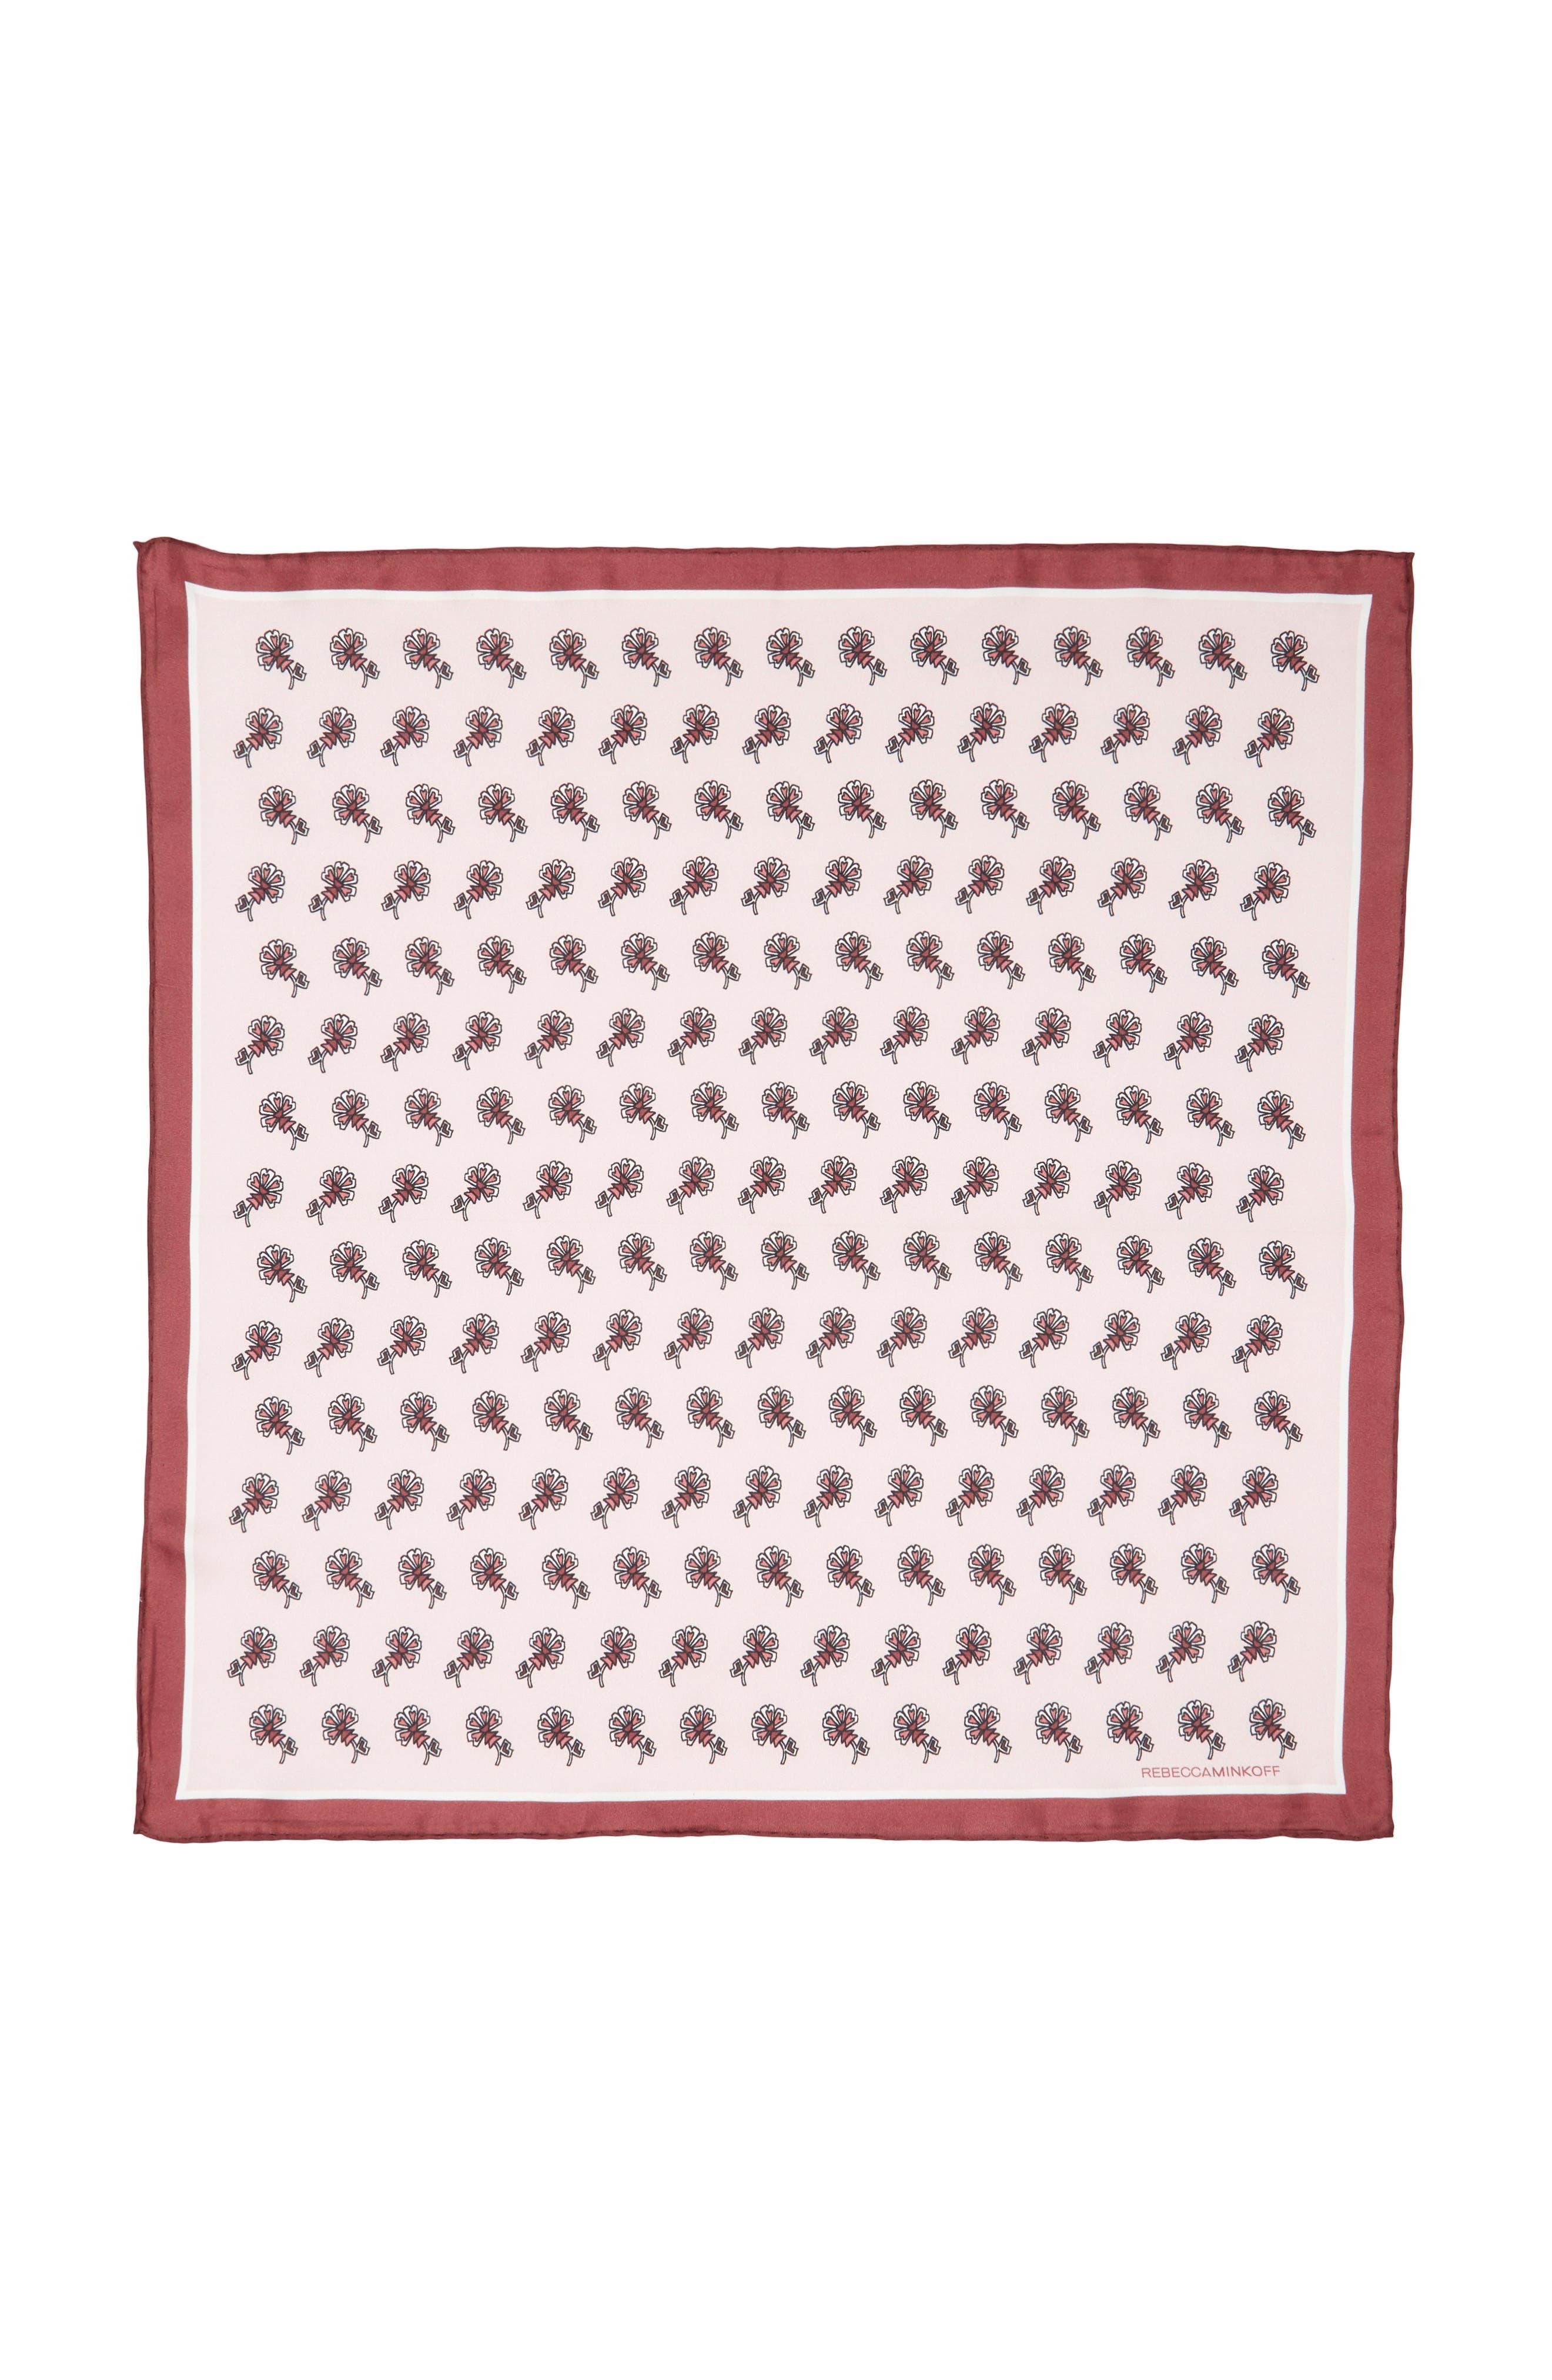 Tiled Rosette Silk Bandana,                             Alternate thumbnail 2, color,                             600